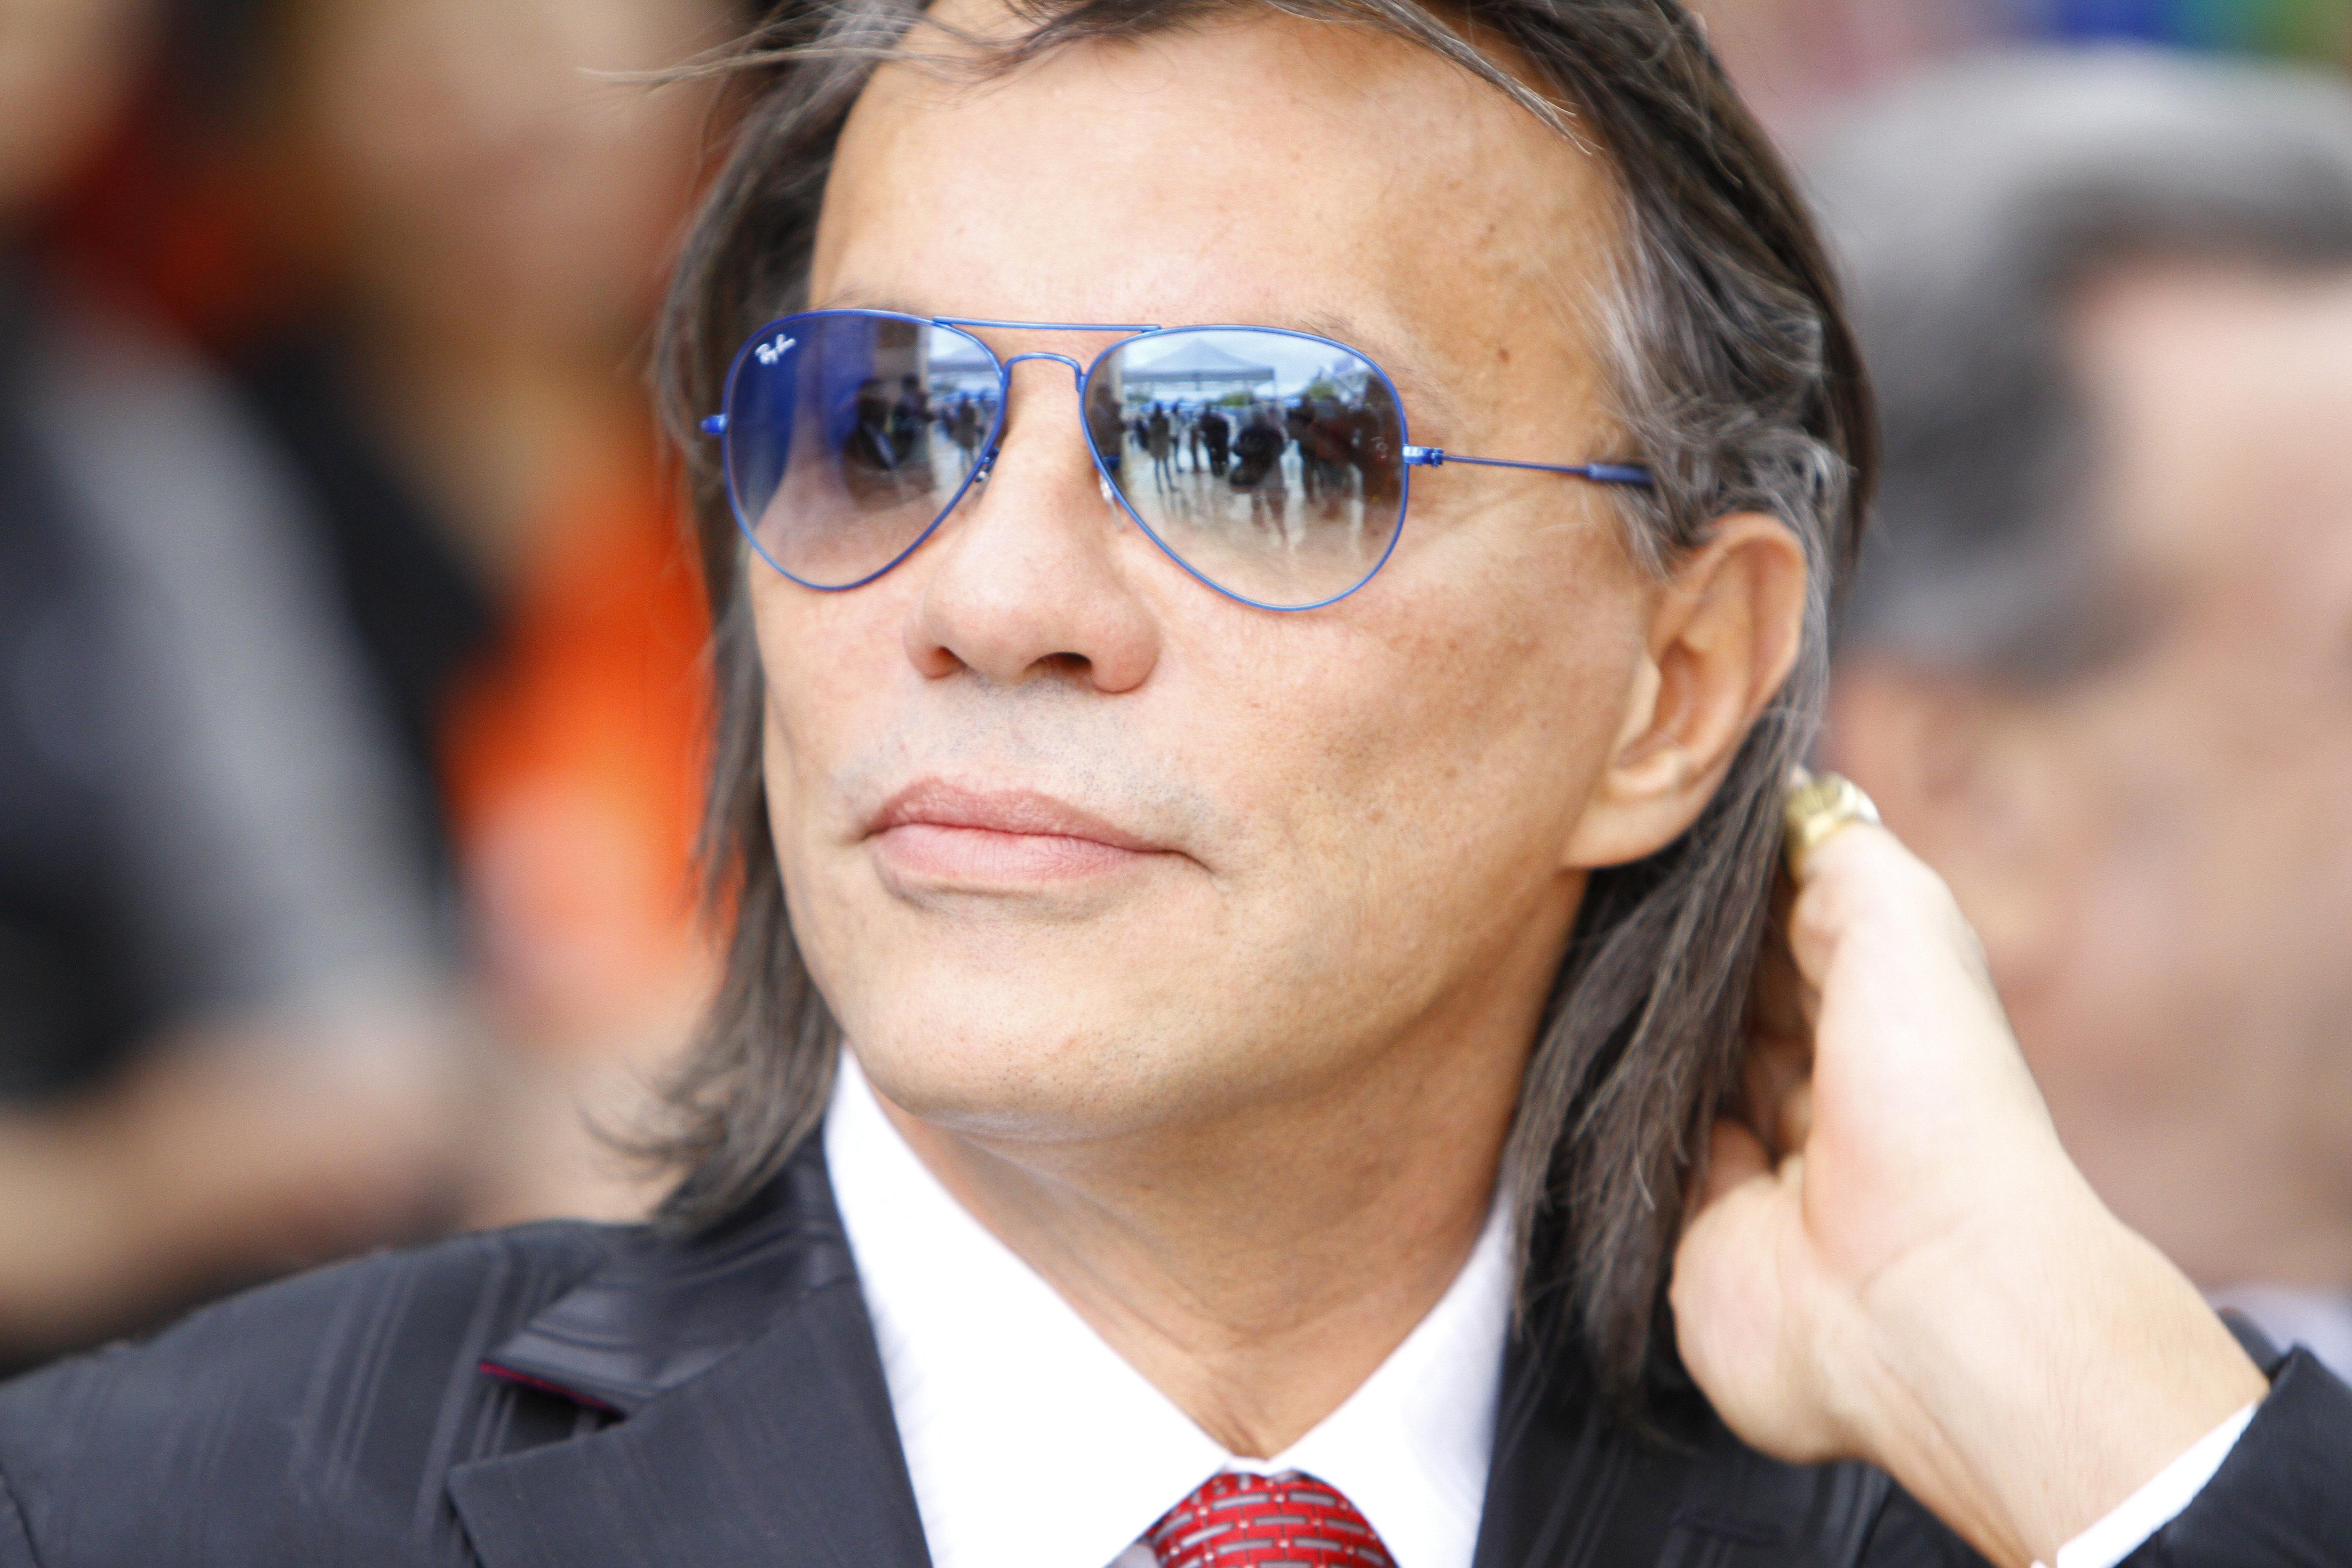 Μάτι: Η επιστολή των κατοίκων που ο Ψινάκης παριστάνει ότι δεν έλαβε εγκαίρως